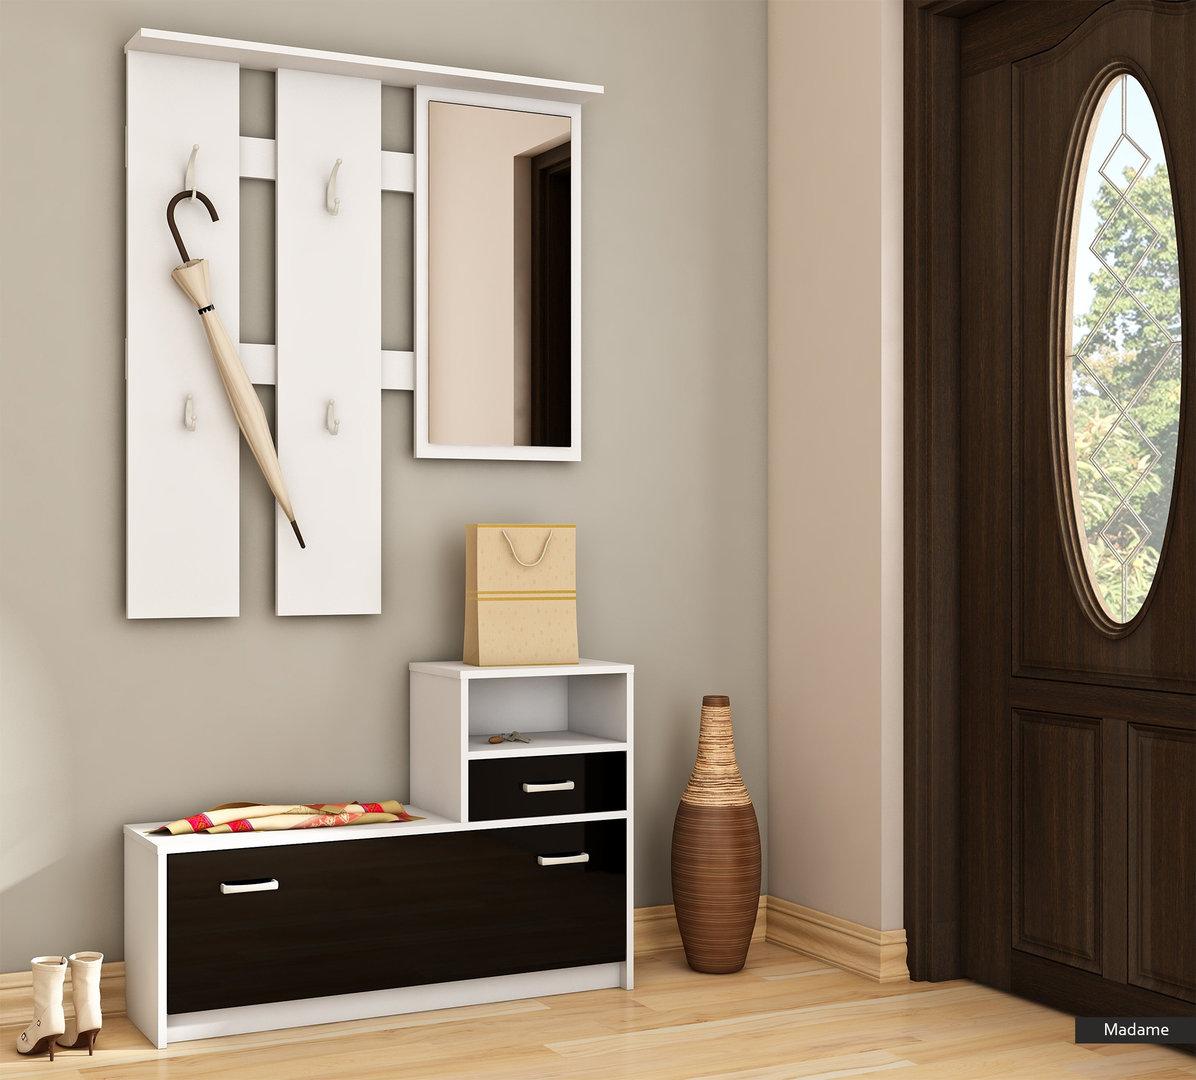 Entrata with specchi per ingressi - Colori a specchio ...